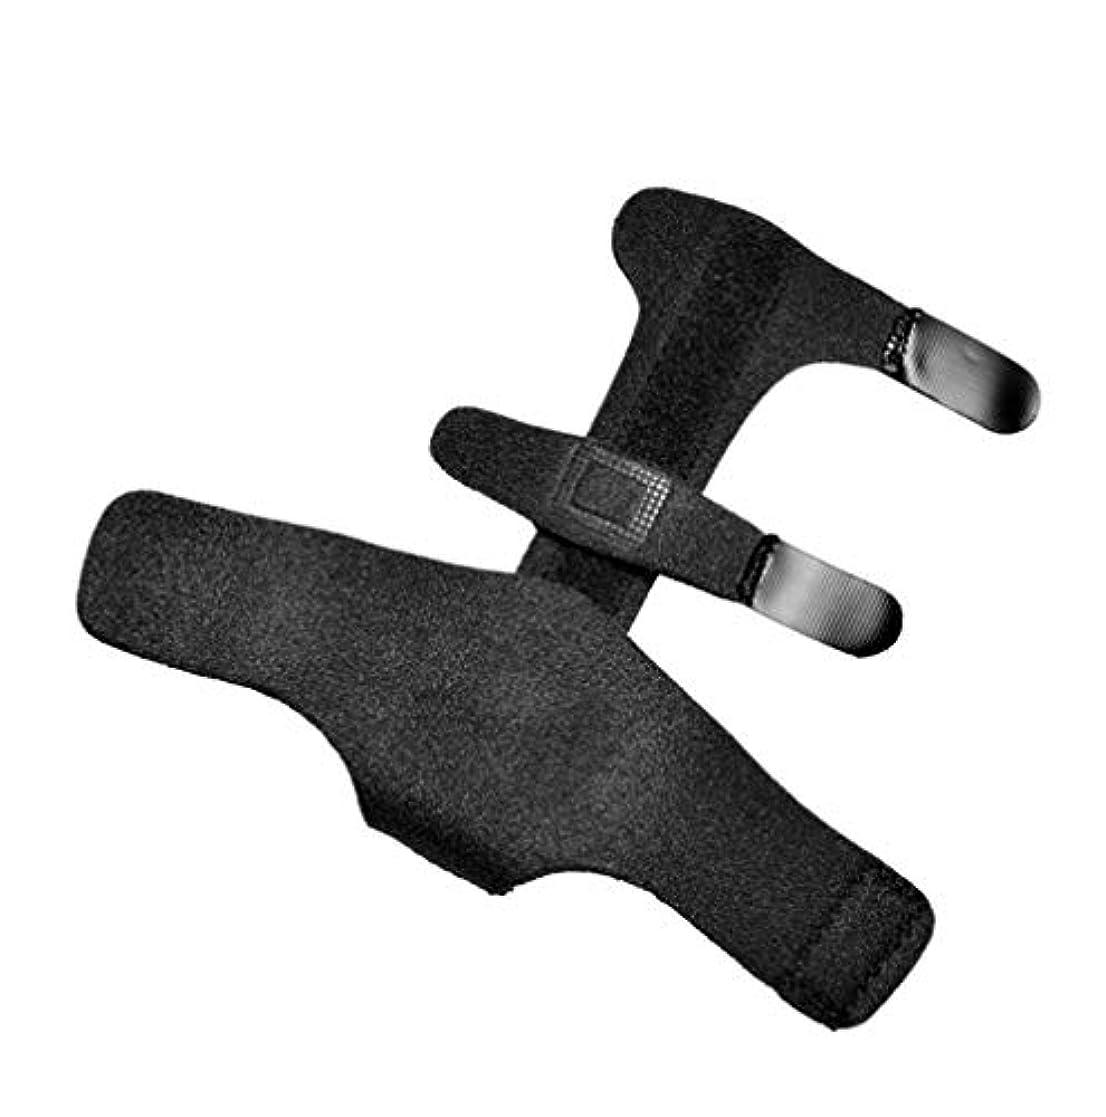 アトミックオゾンアセンブリ親指スプリント、スプリント固定フィンガージョイント捻挫とホームの指固定して指骨折固定、ワンサイズ